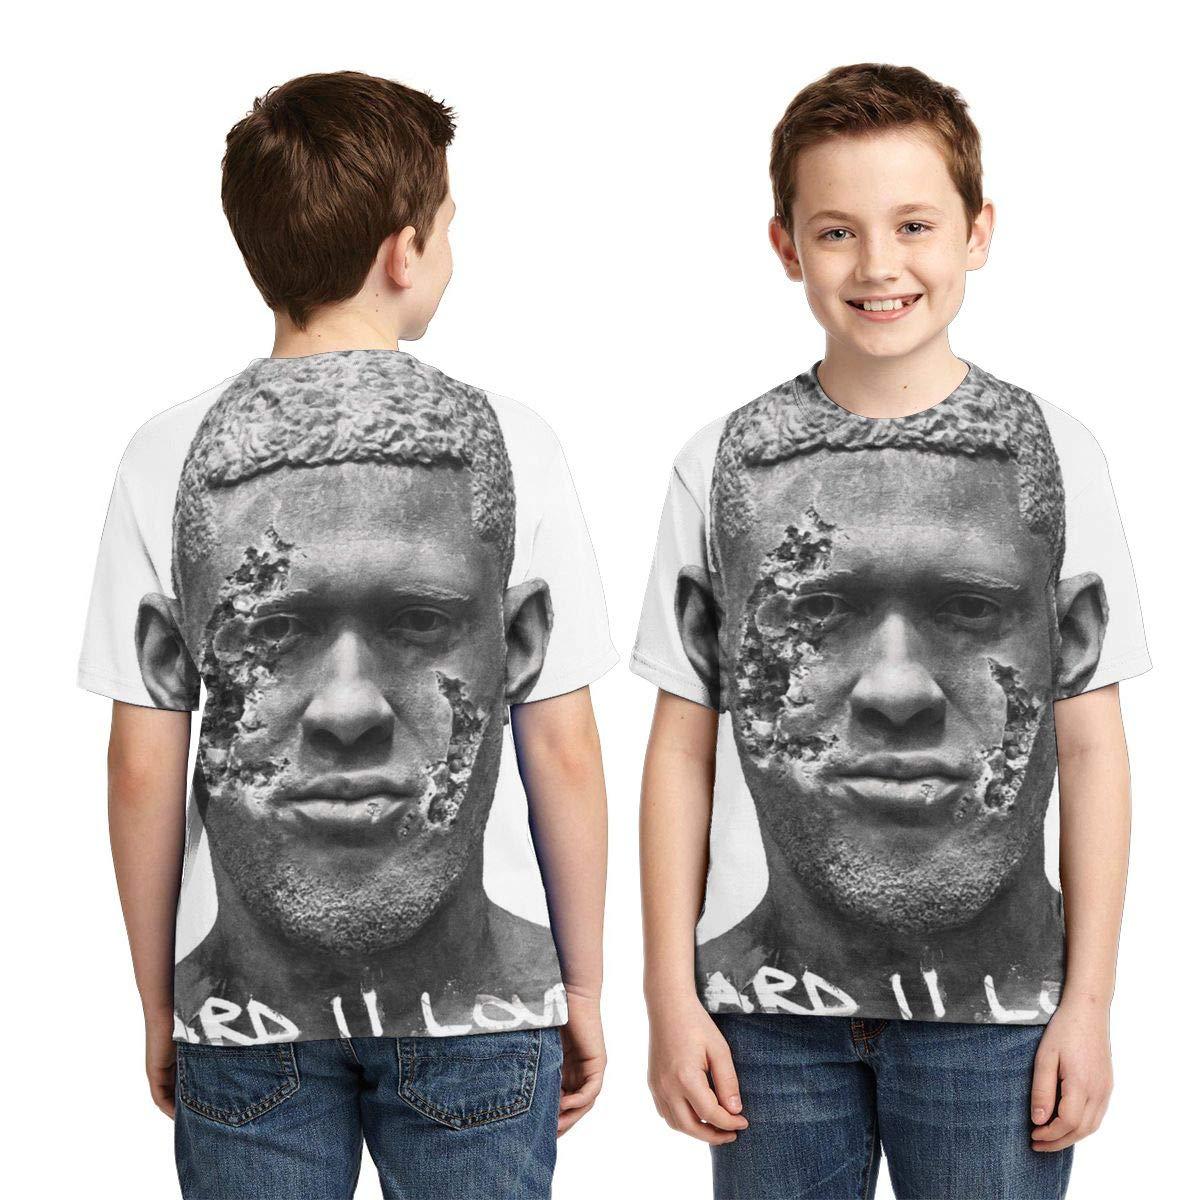 BowersJ Kids Usher Hard II Love Design 3D Printed Short Sleeve T Shirt for Girls /& Boys Black